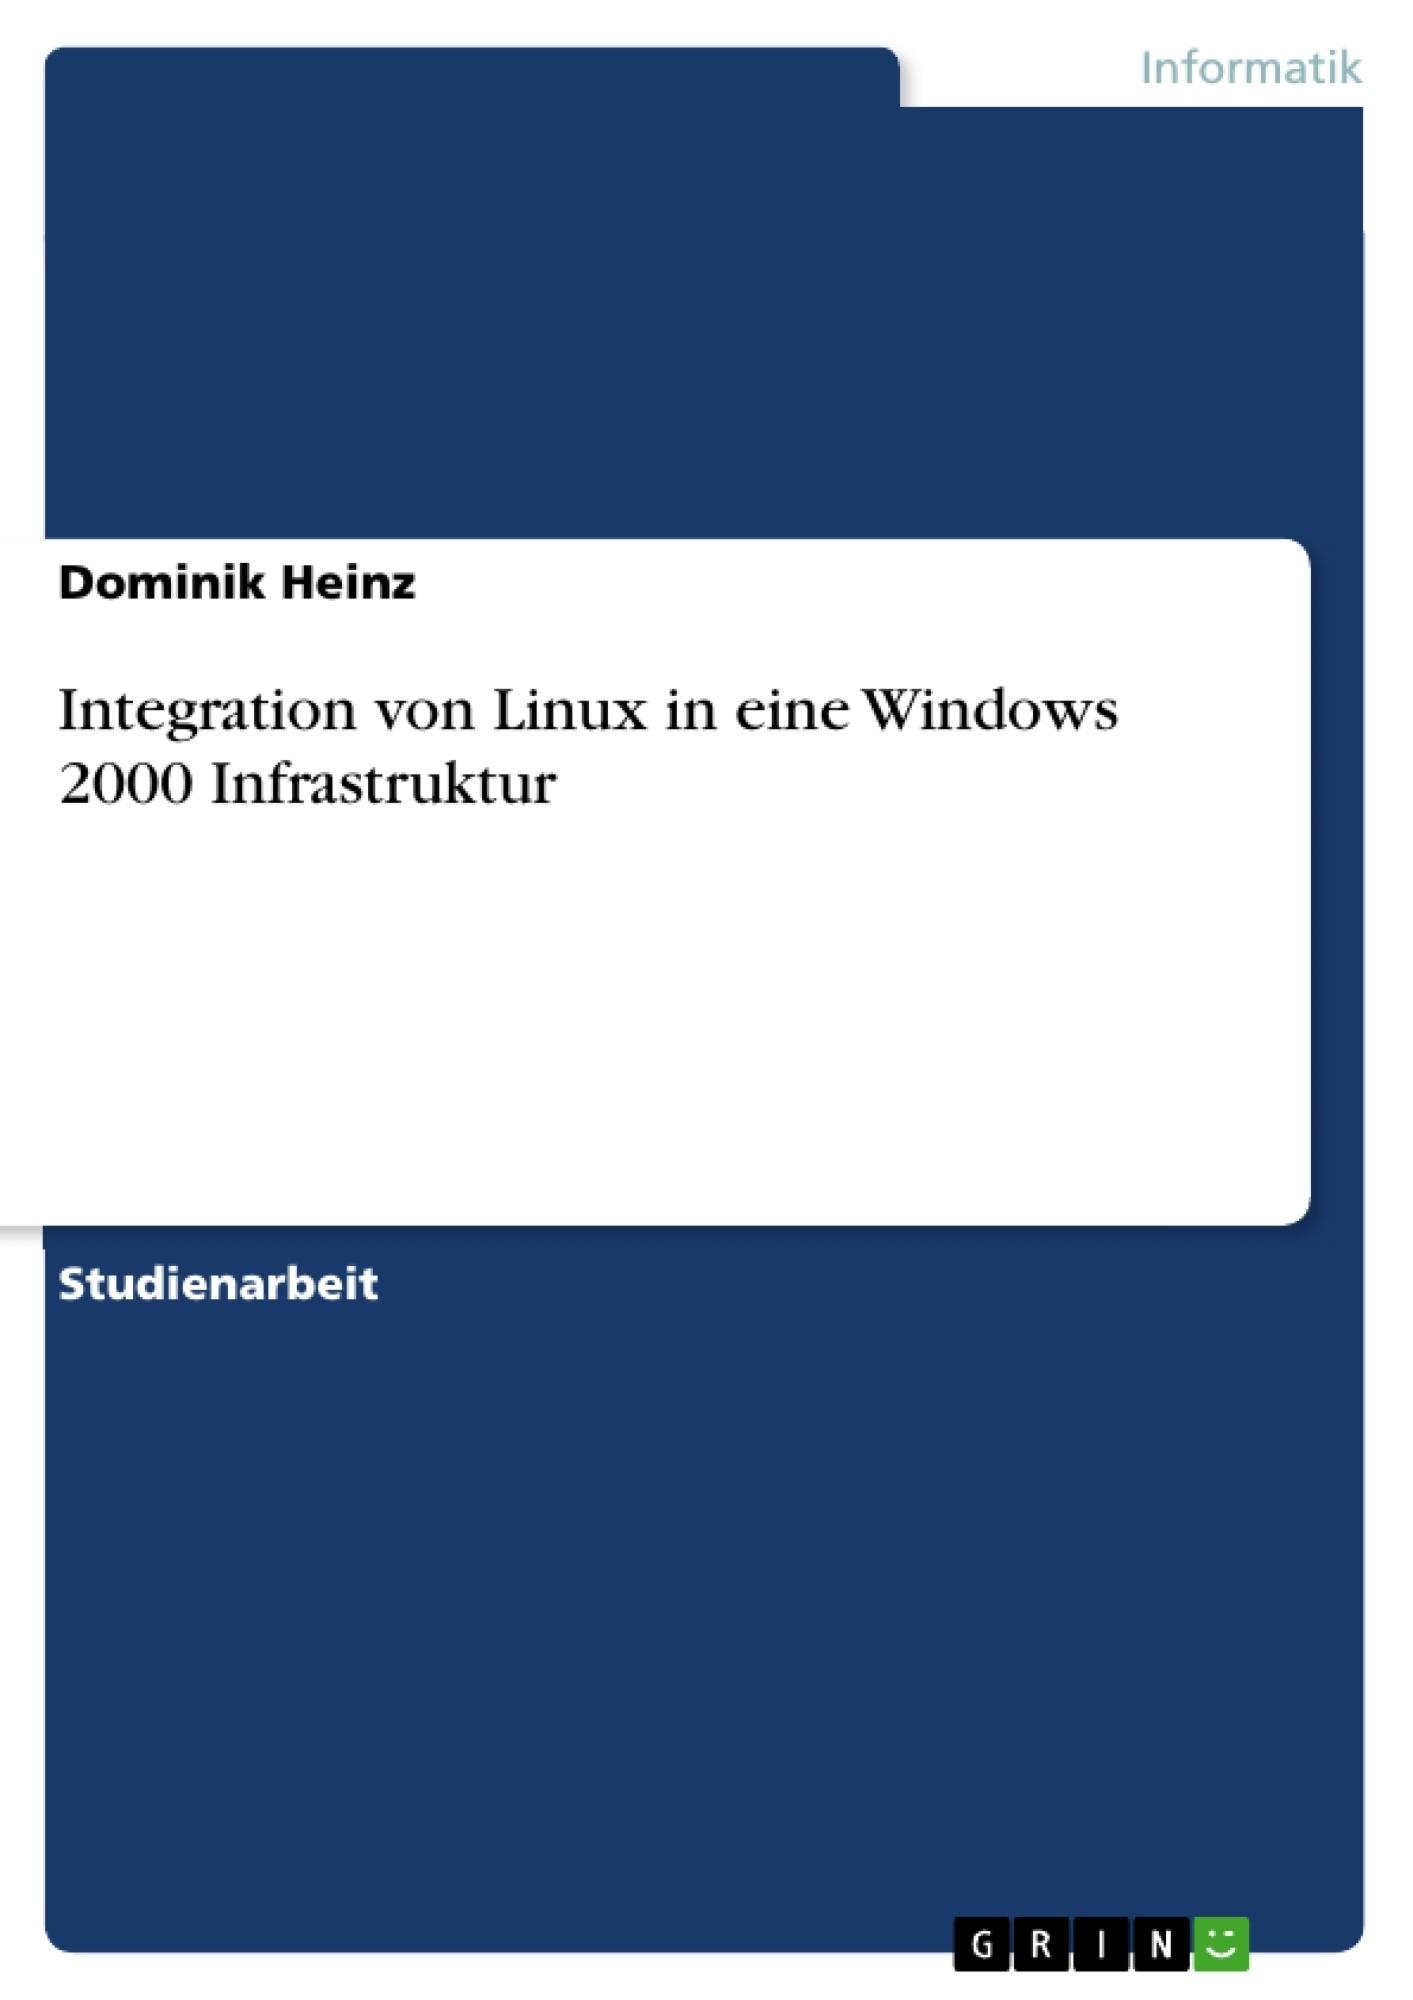 Titel: Integration von Linux in eine Windows 2000 Infrastruktur